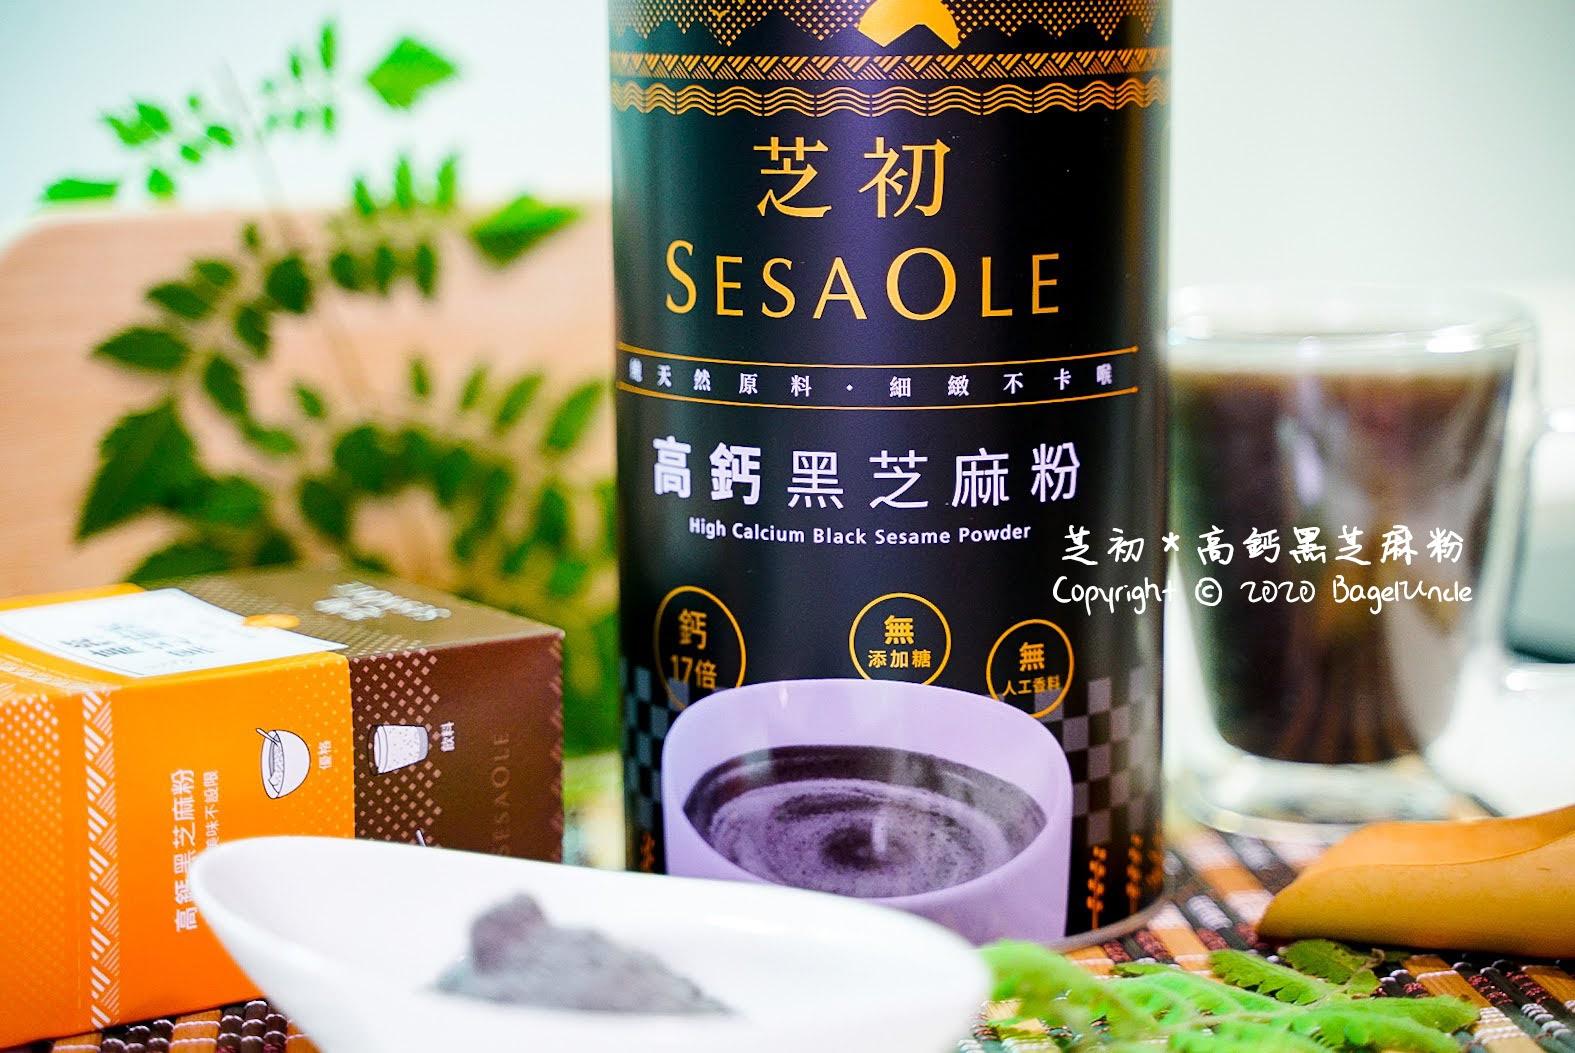 受保護的內容: 【美食】芝初 Sesaole 高鈣黑芝麻粉罐裝包裝新登場 全家大小皆能飲用 輕鬆補鈣 香醇順口